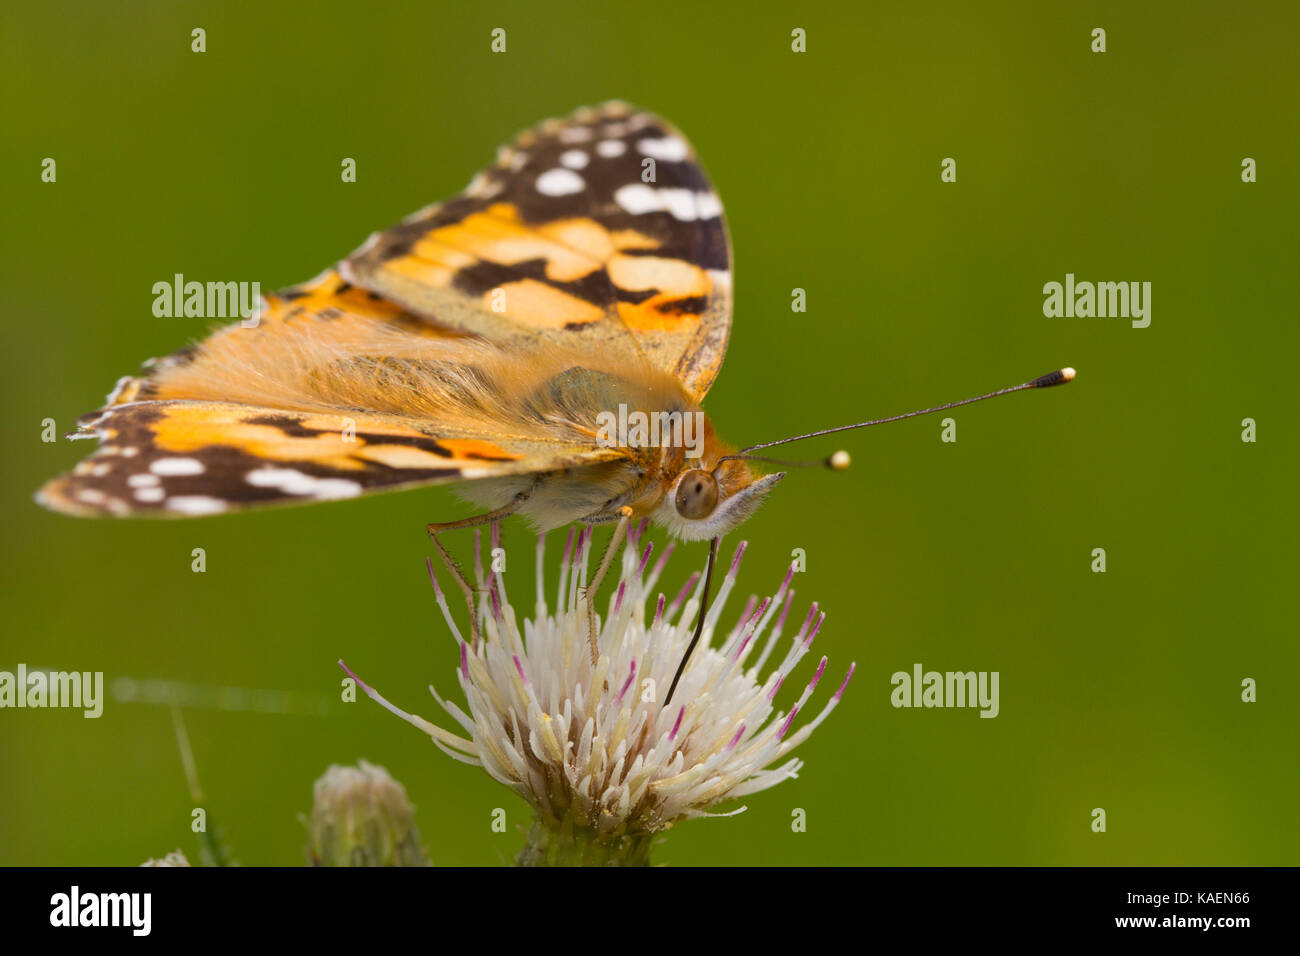 La belle dame (Vanessa cardui) papillon adulte se nourrissant sur une fleur de chardon. Powys, Pays de Galles. De juin. Banque D'Images